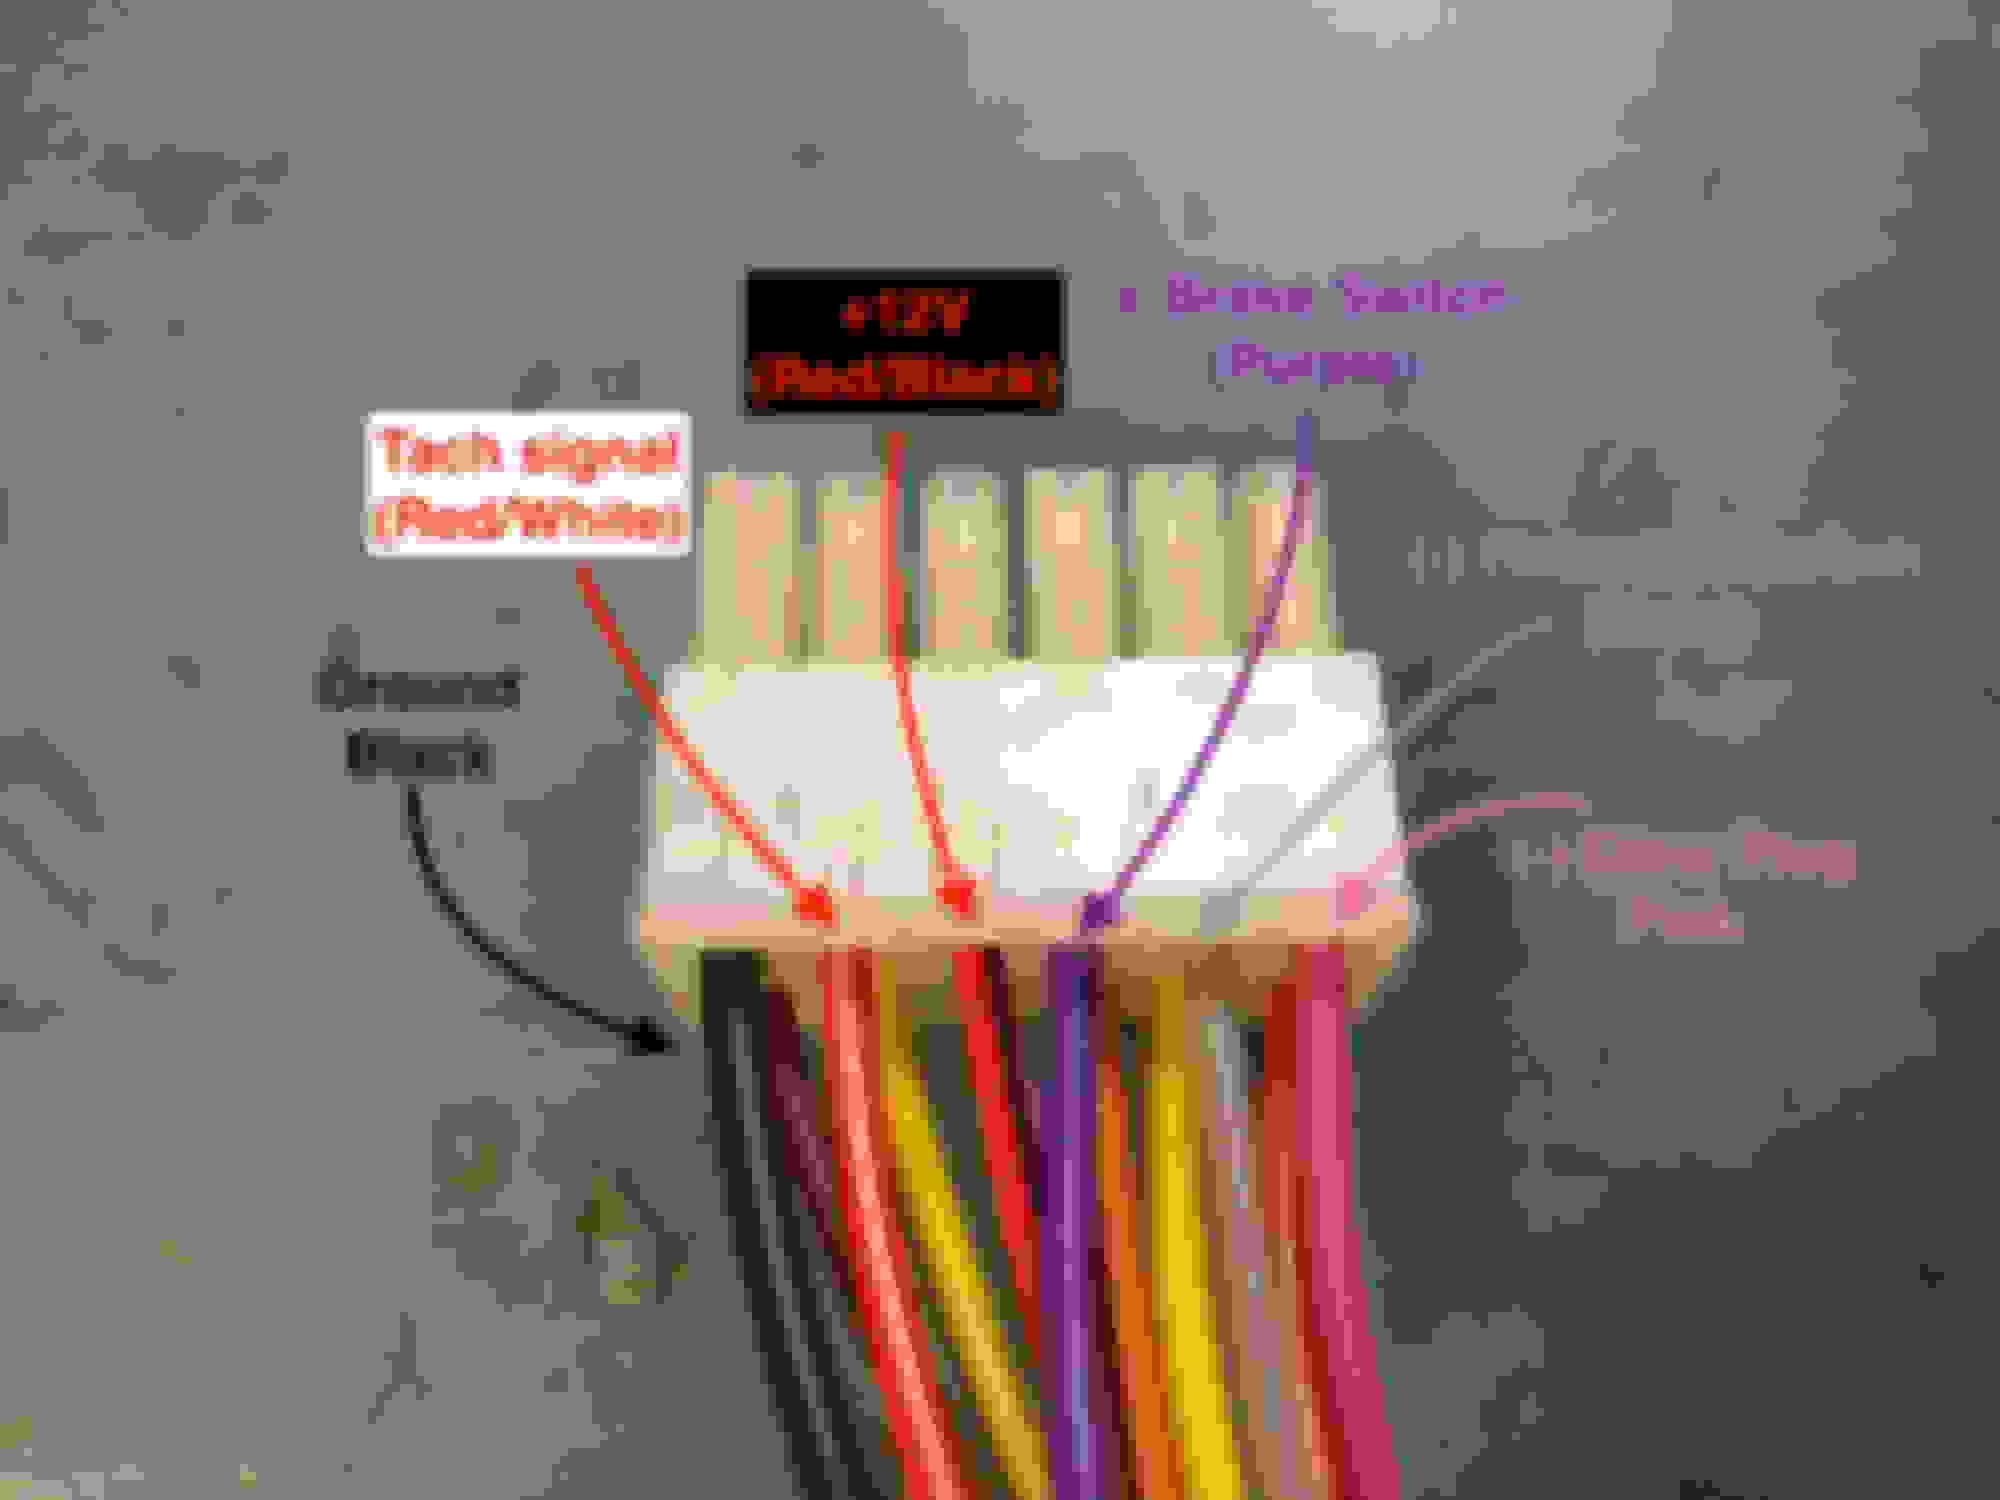 2005 Infiniti G35 Key Light Wiring Diagram    Wiring Diagram